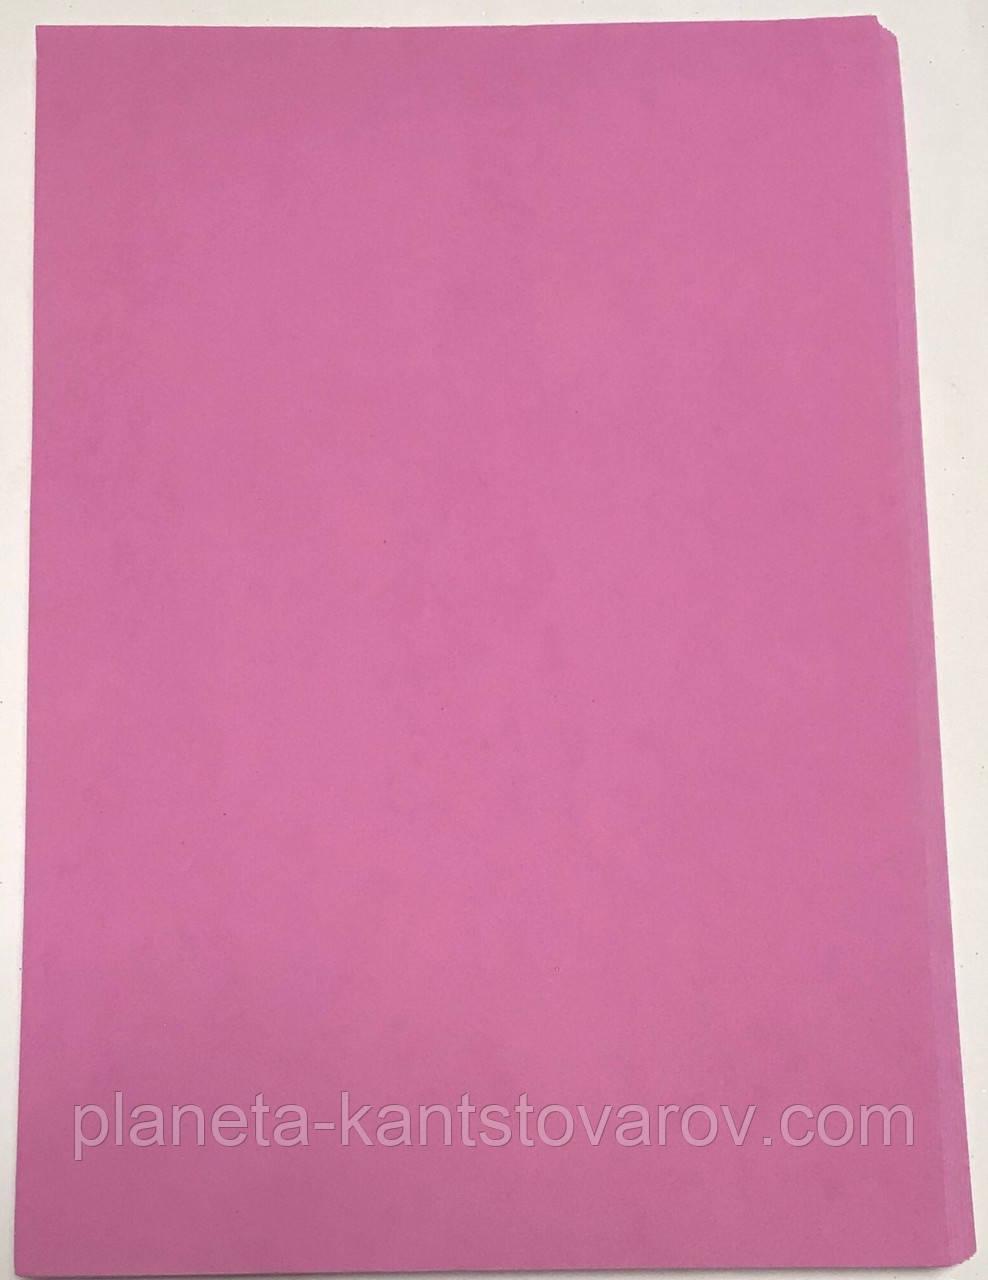 Фоамиран А4 10листов\2мм  (цена за 10 листов) 8969 Розовый